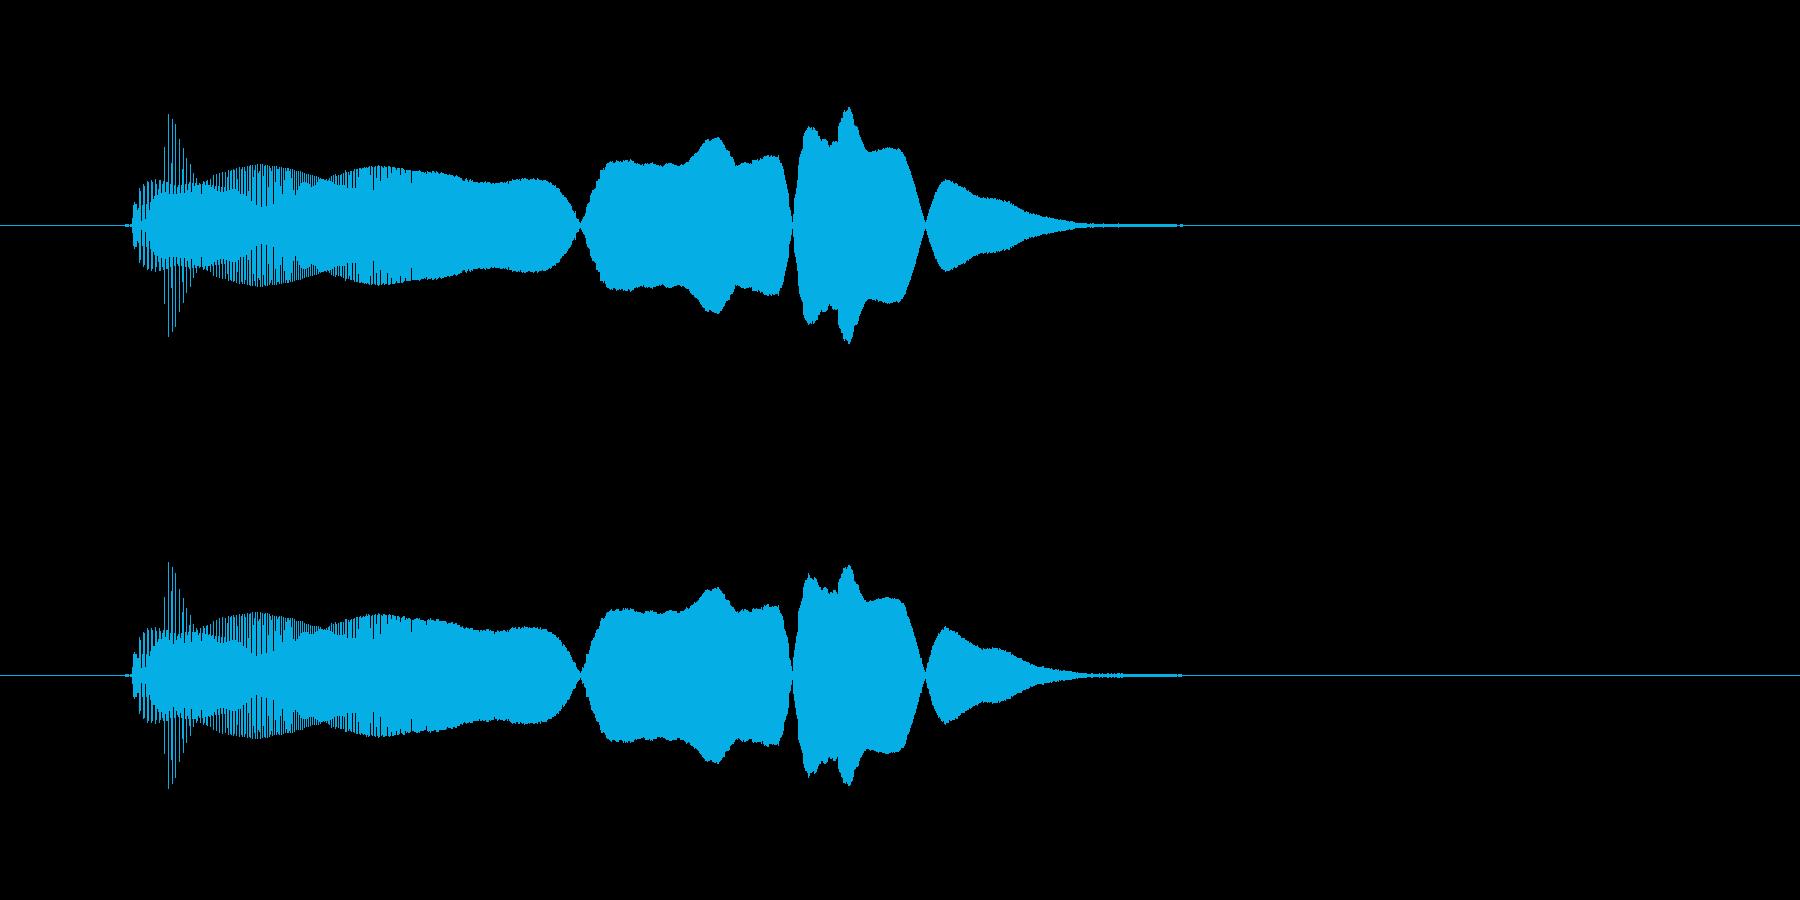 ブミョーン(スライム感ある電子音)の再生済みの波形